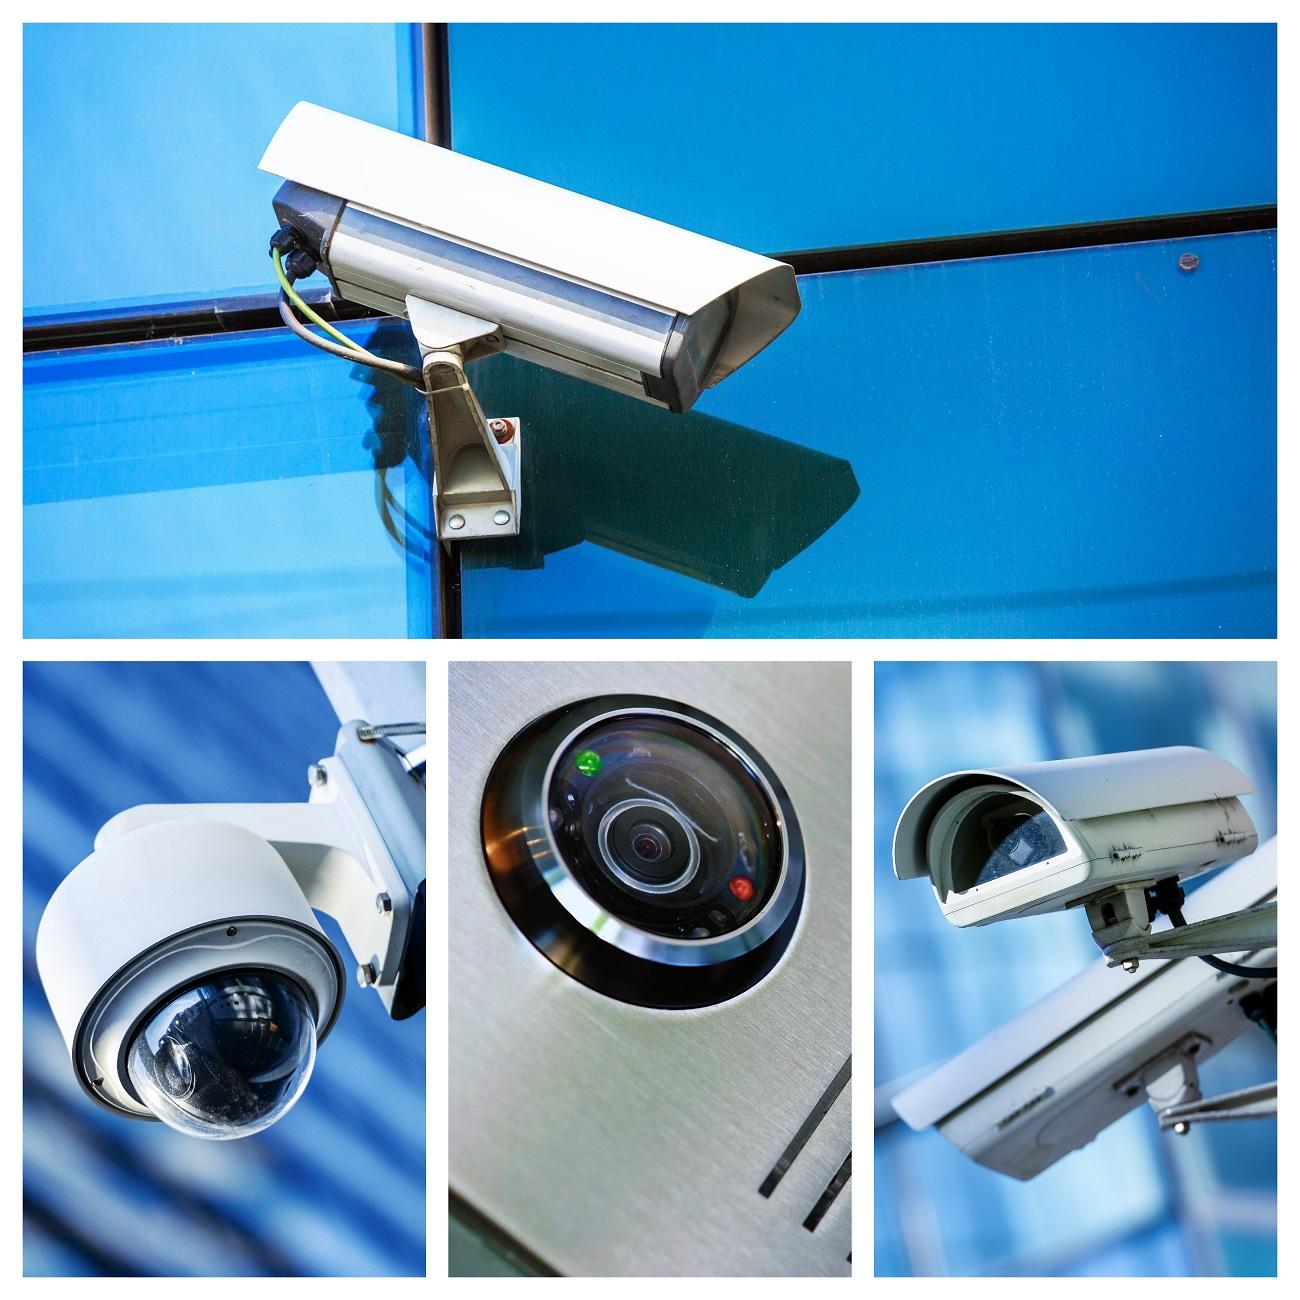 topsecurity.cz_OFF_Jaké technologie se používají pro zabezpečení logistických center_02_kamerove systemy